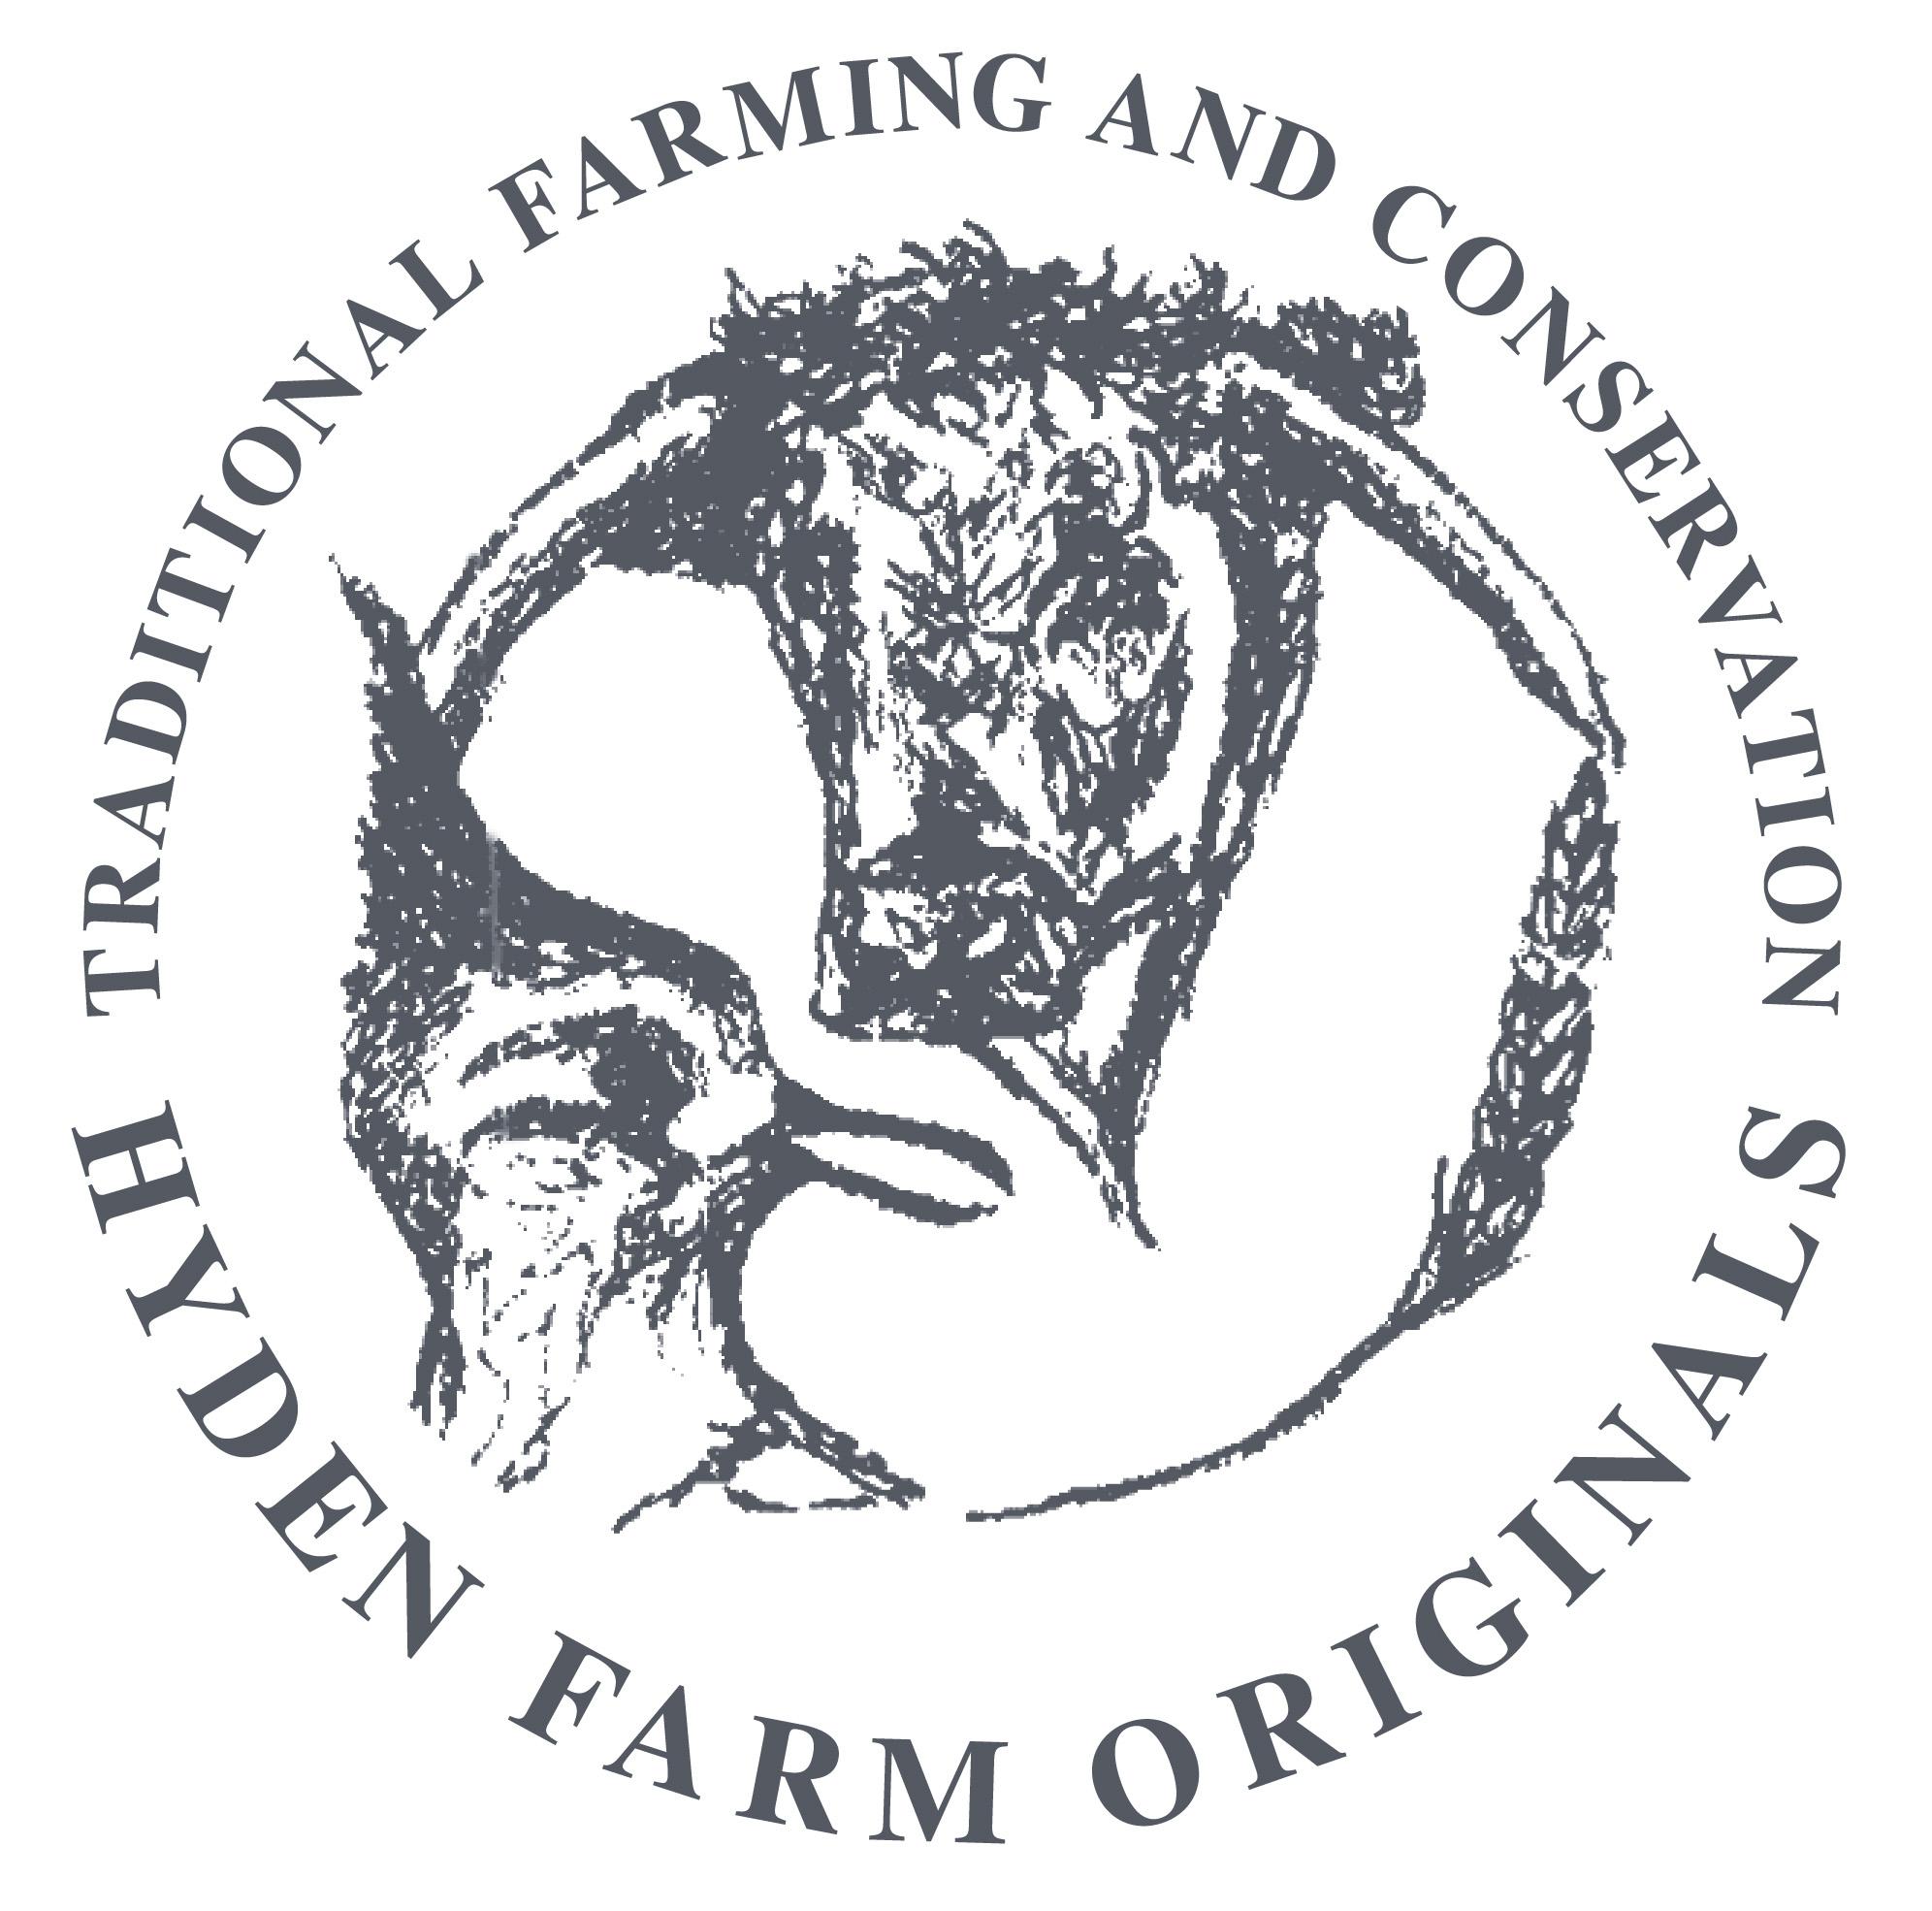 Hyden Farm Originals